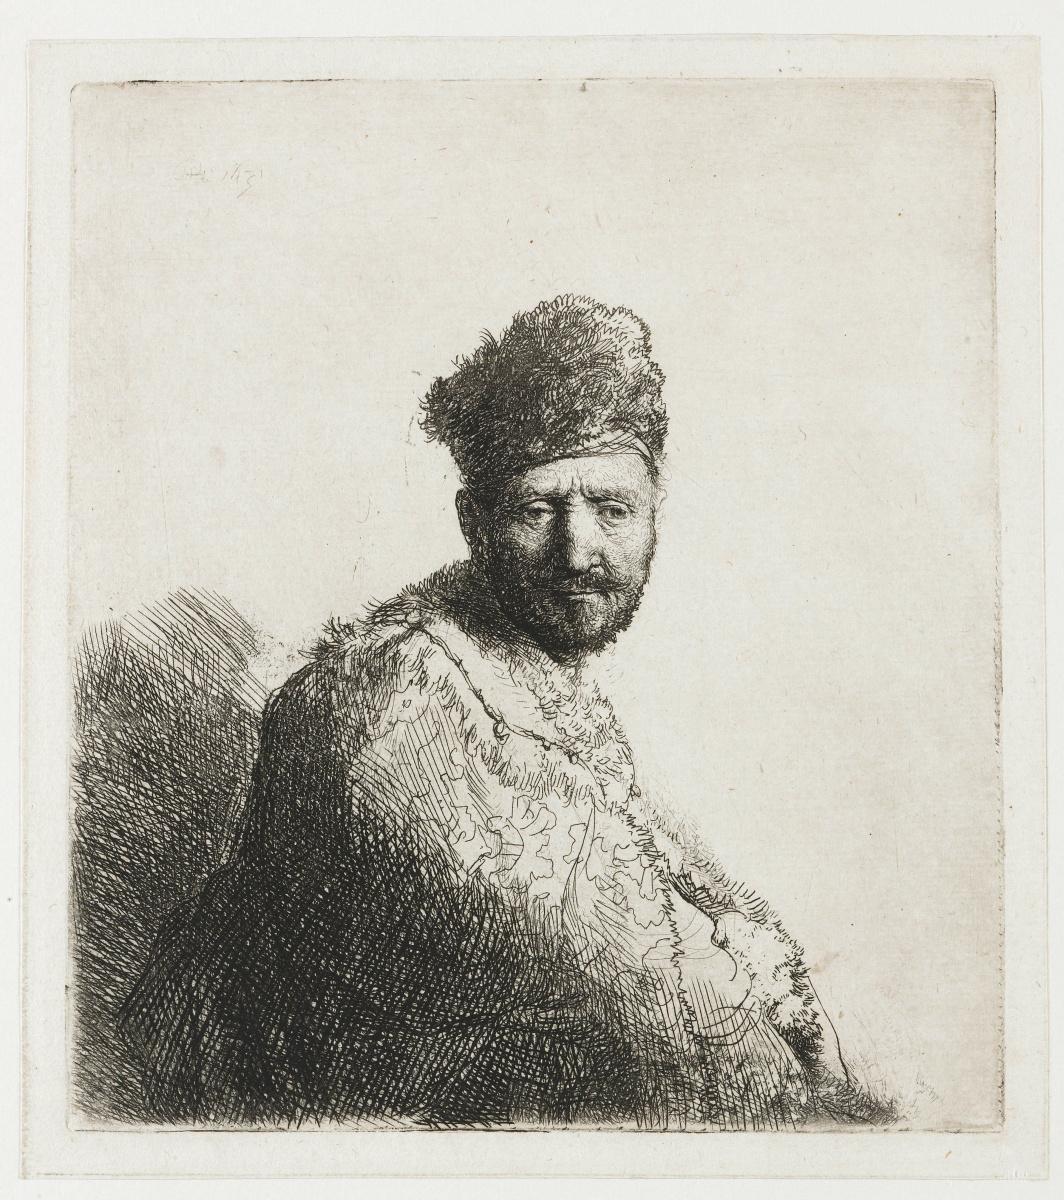 Рембрандт Харменс ван Рейн. Бородатый мужчина в вышитой накидке и меховой шапке (отец Рембрандта?)